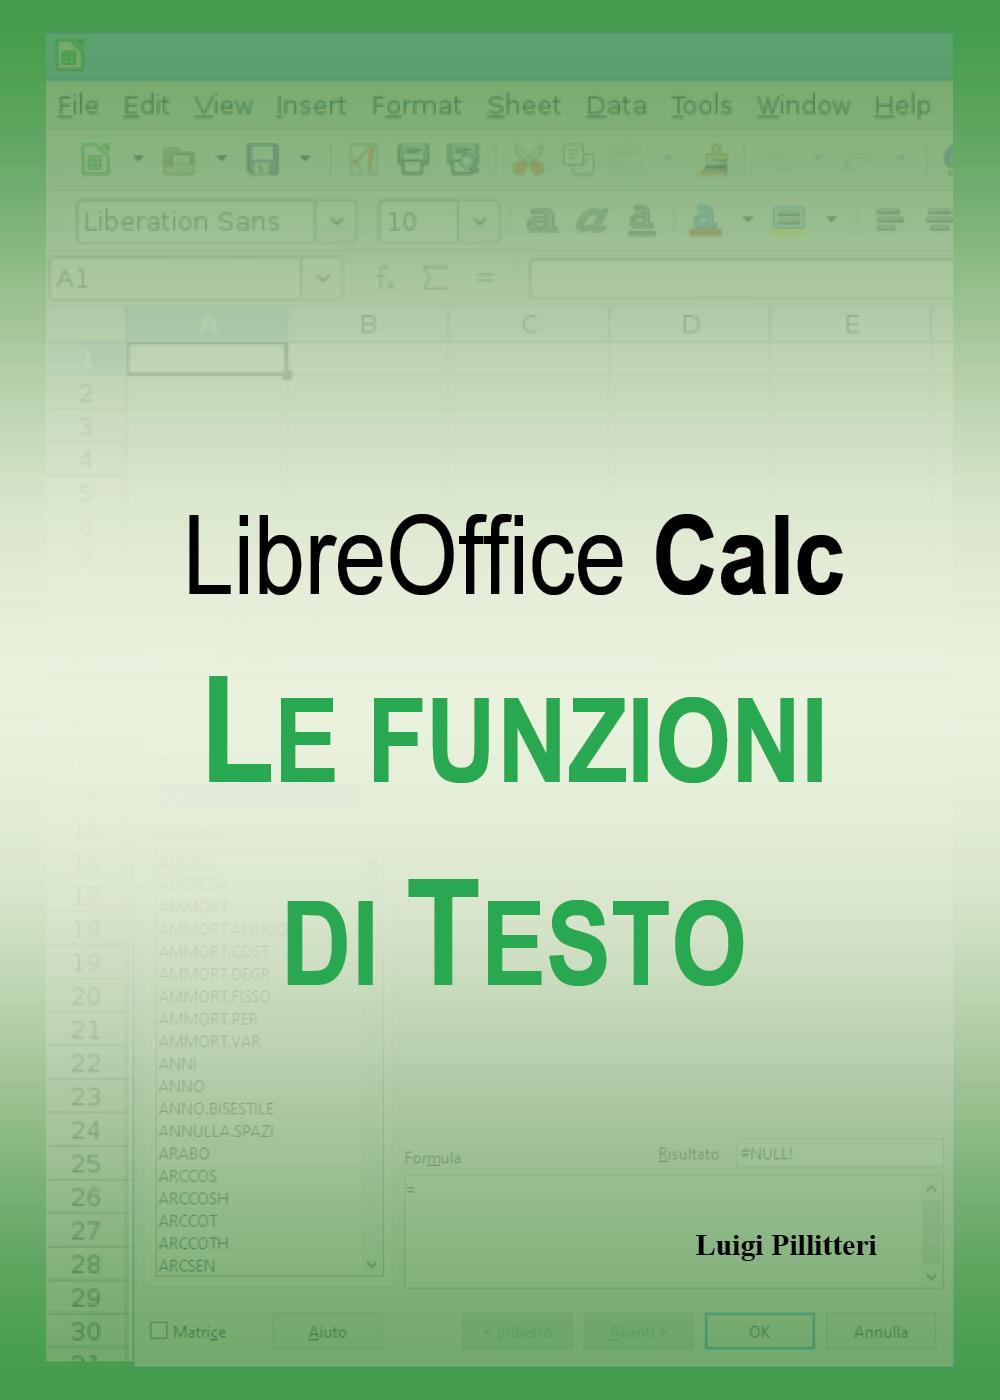 Le funzioni di testo di LibreOffice Calc